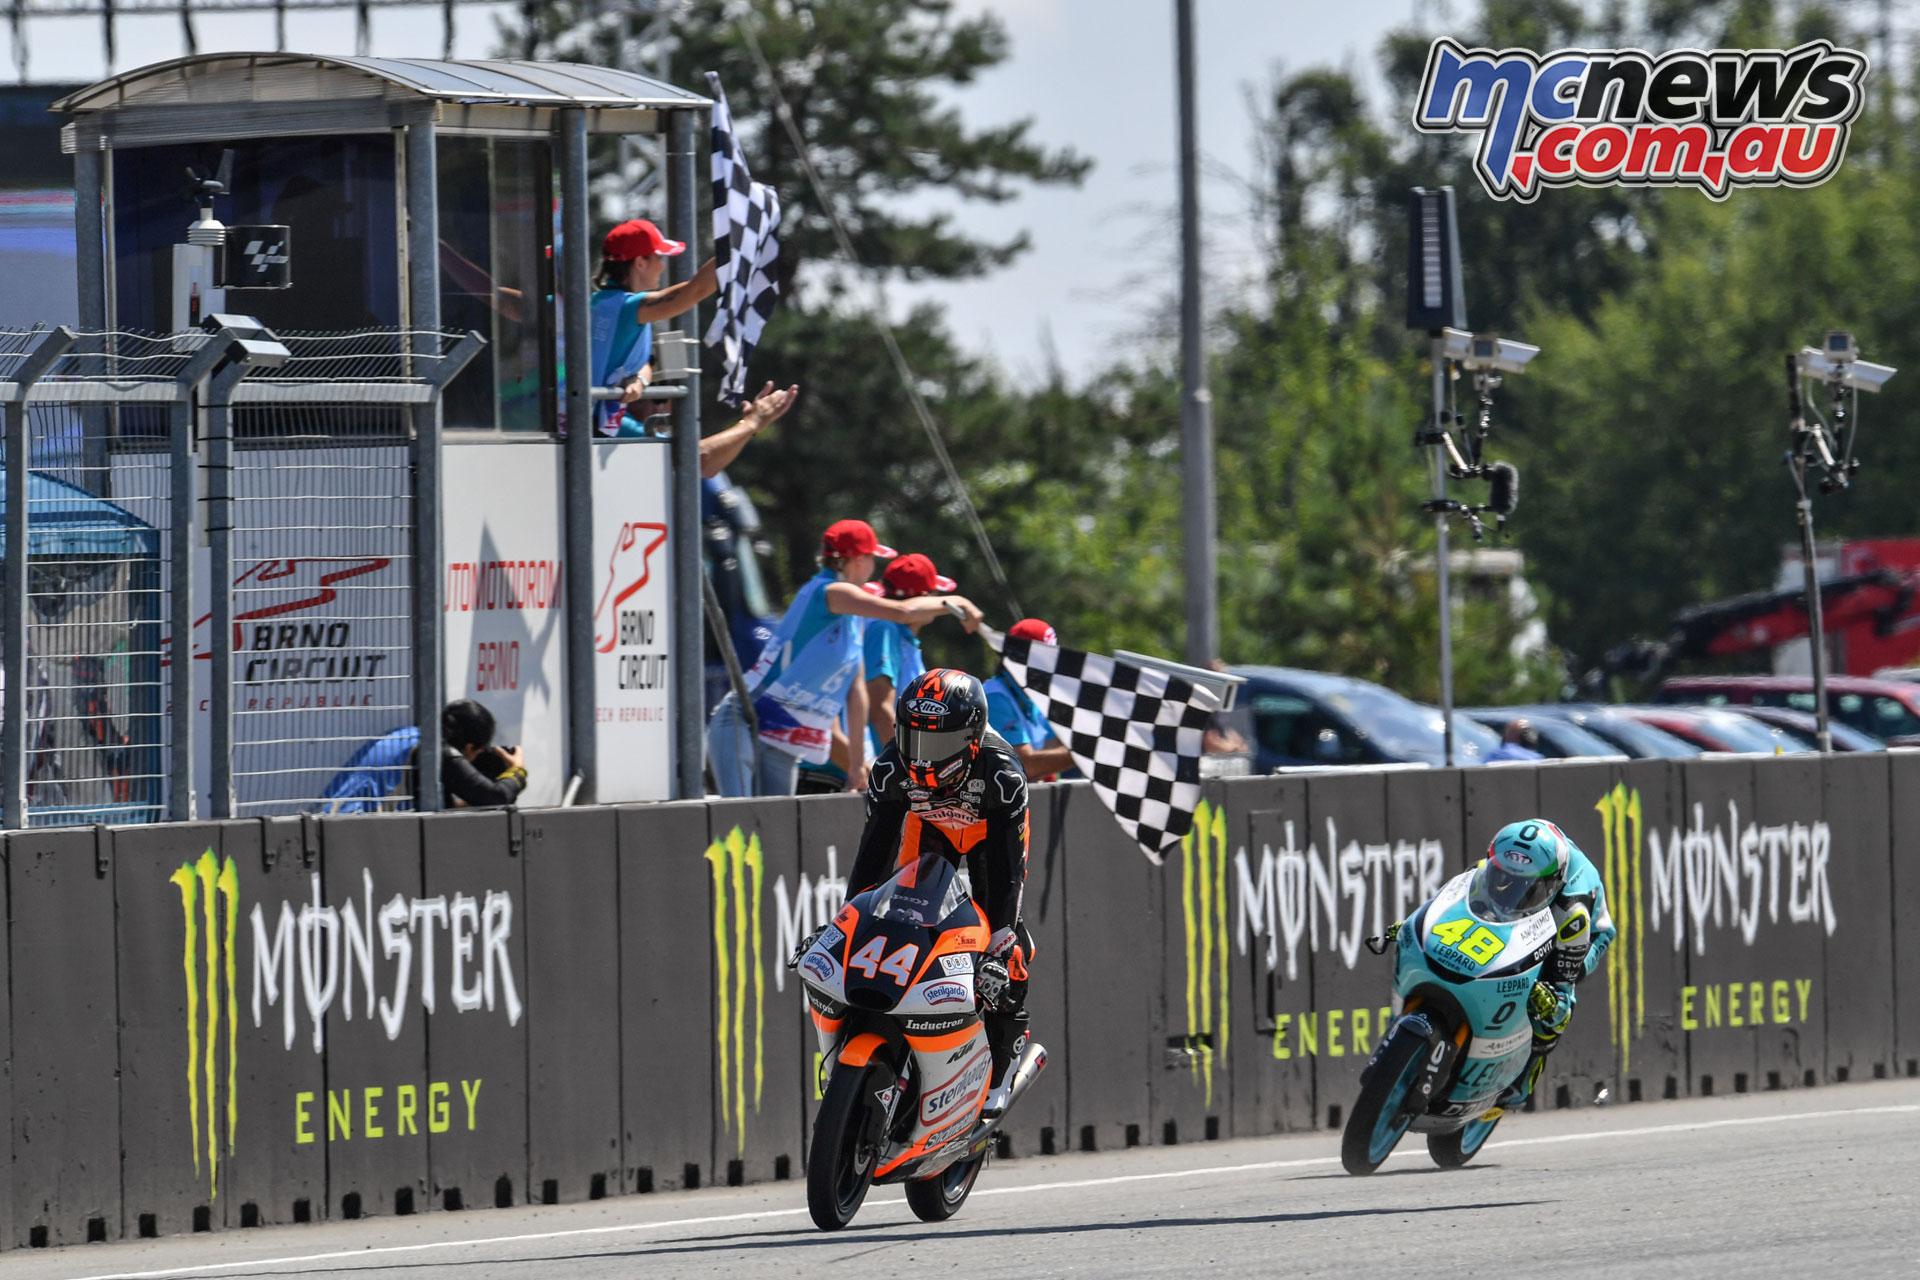 MotoGP Rnd Brno Moto Aron Canet